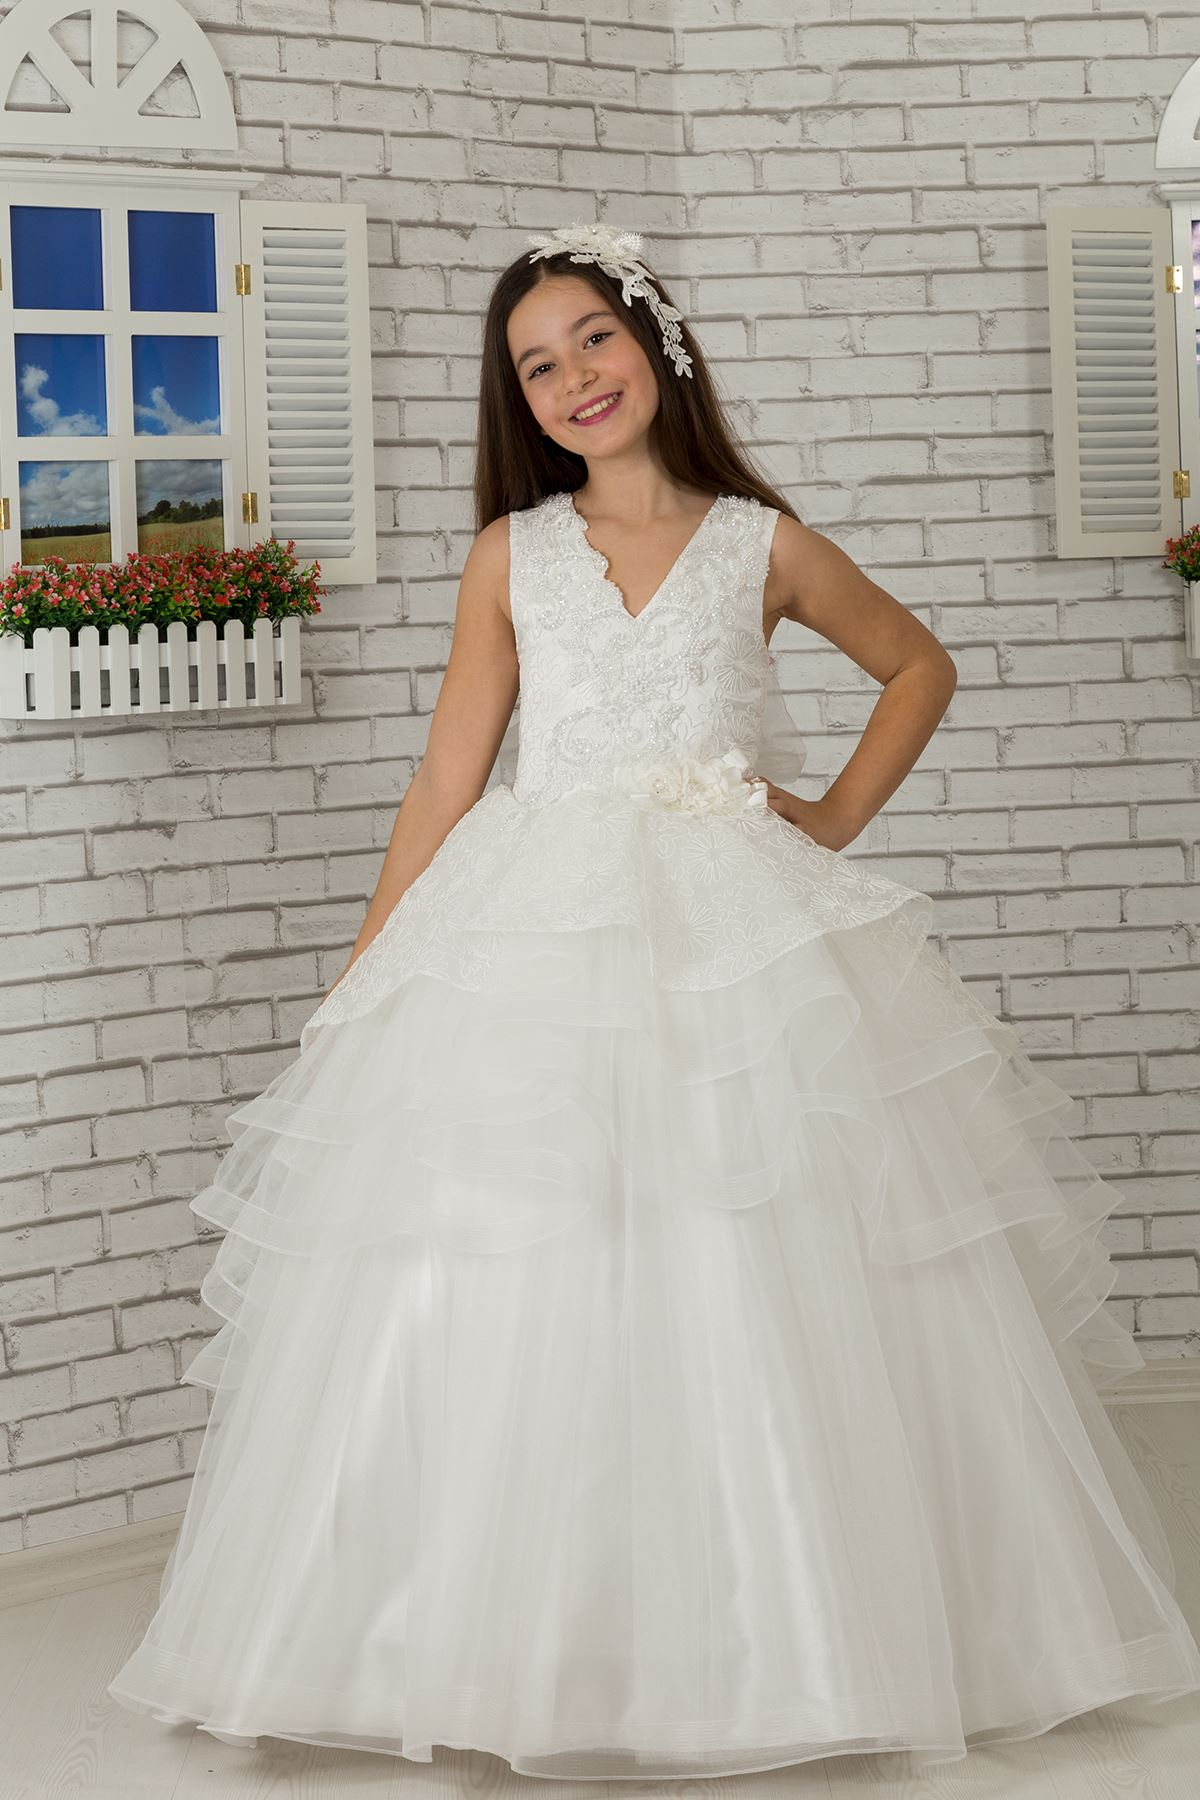 Σώμα που κεντιέται, μέση λεπτομερής αφράτη κρέμα βραδιού φορεμάτων 626 παιδιών κοριτσιών